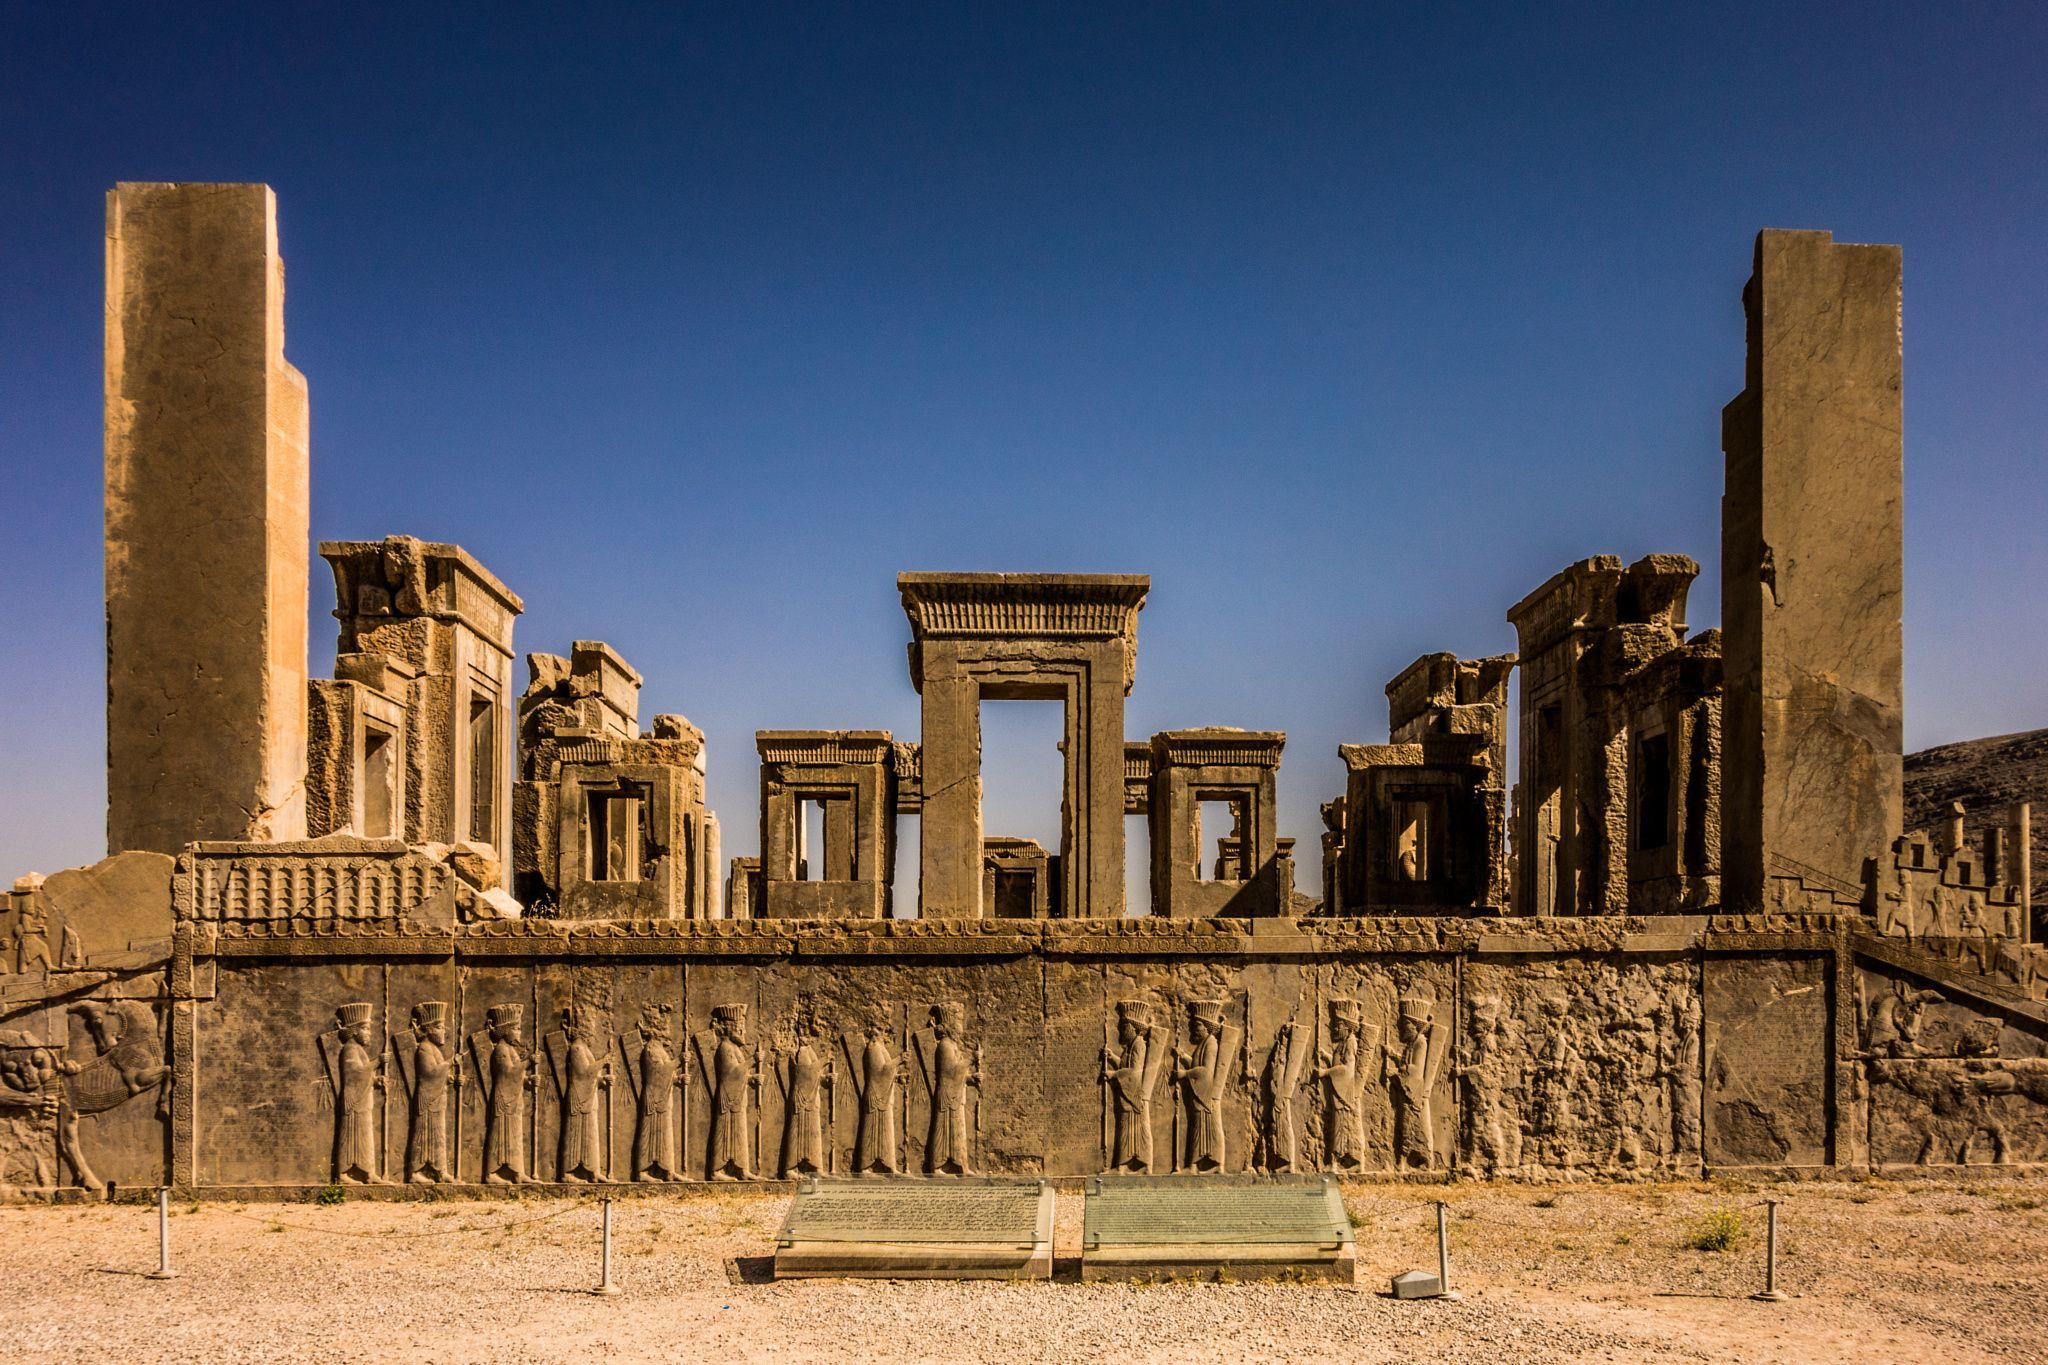 Persepolis Shiraz Iran Persian Empire Achaemenid